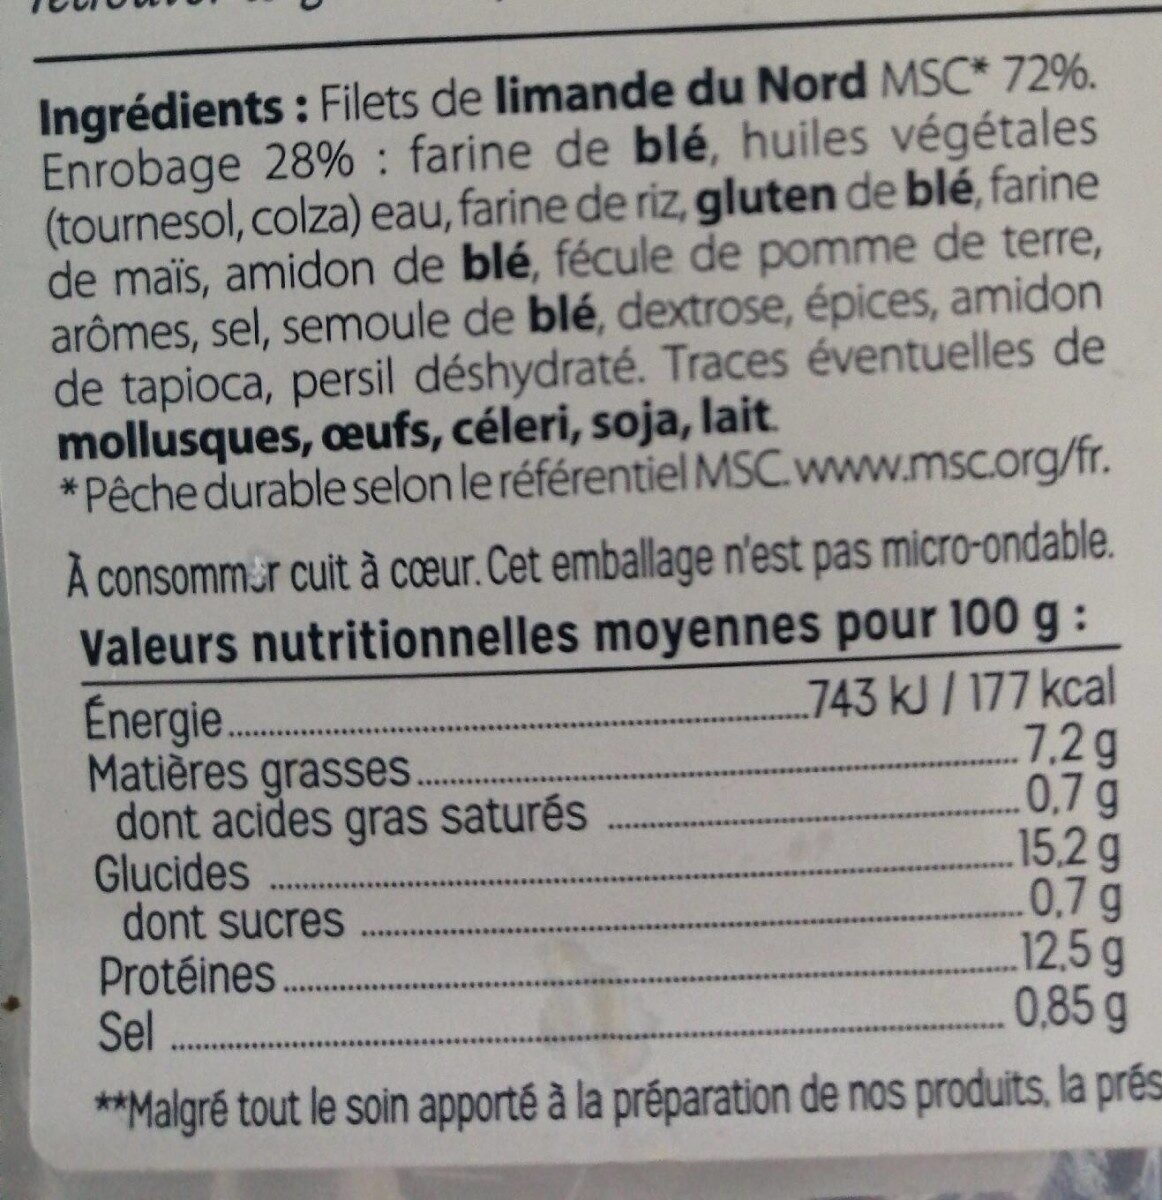 Filet de limande du Nord meunière, sans arête, cuit à cœur - Product - fr